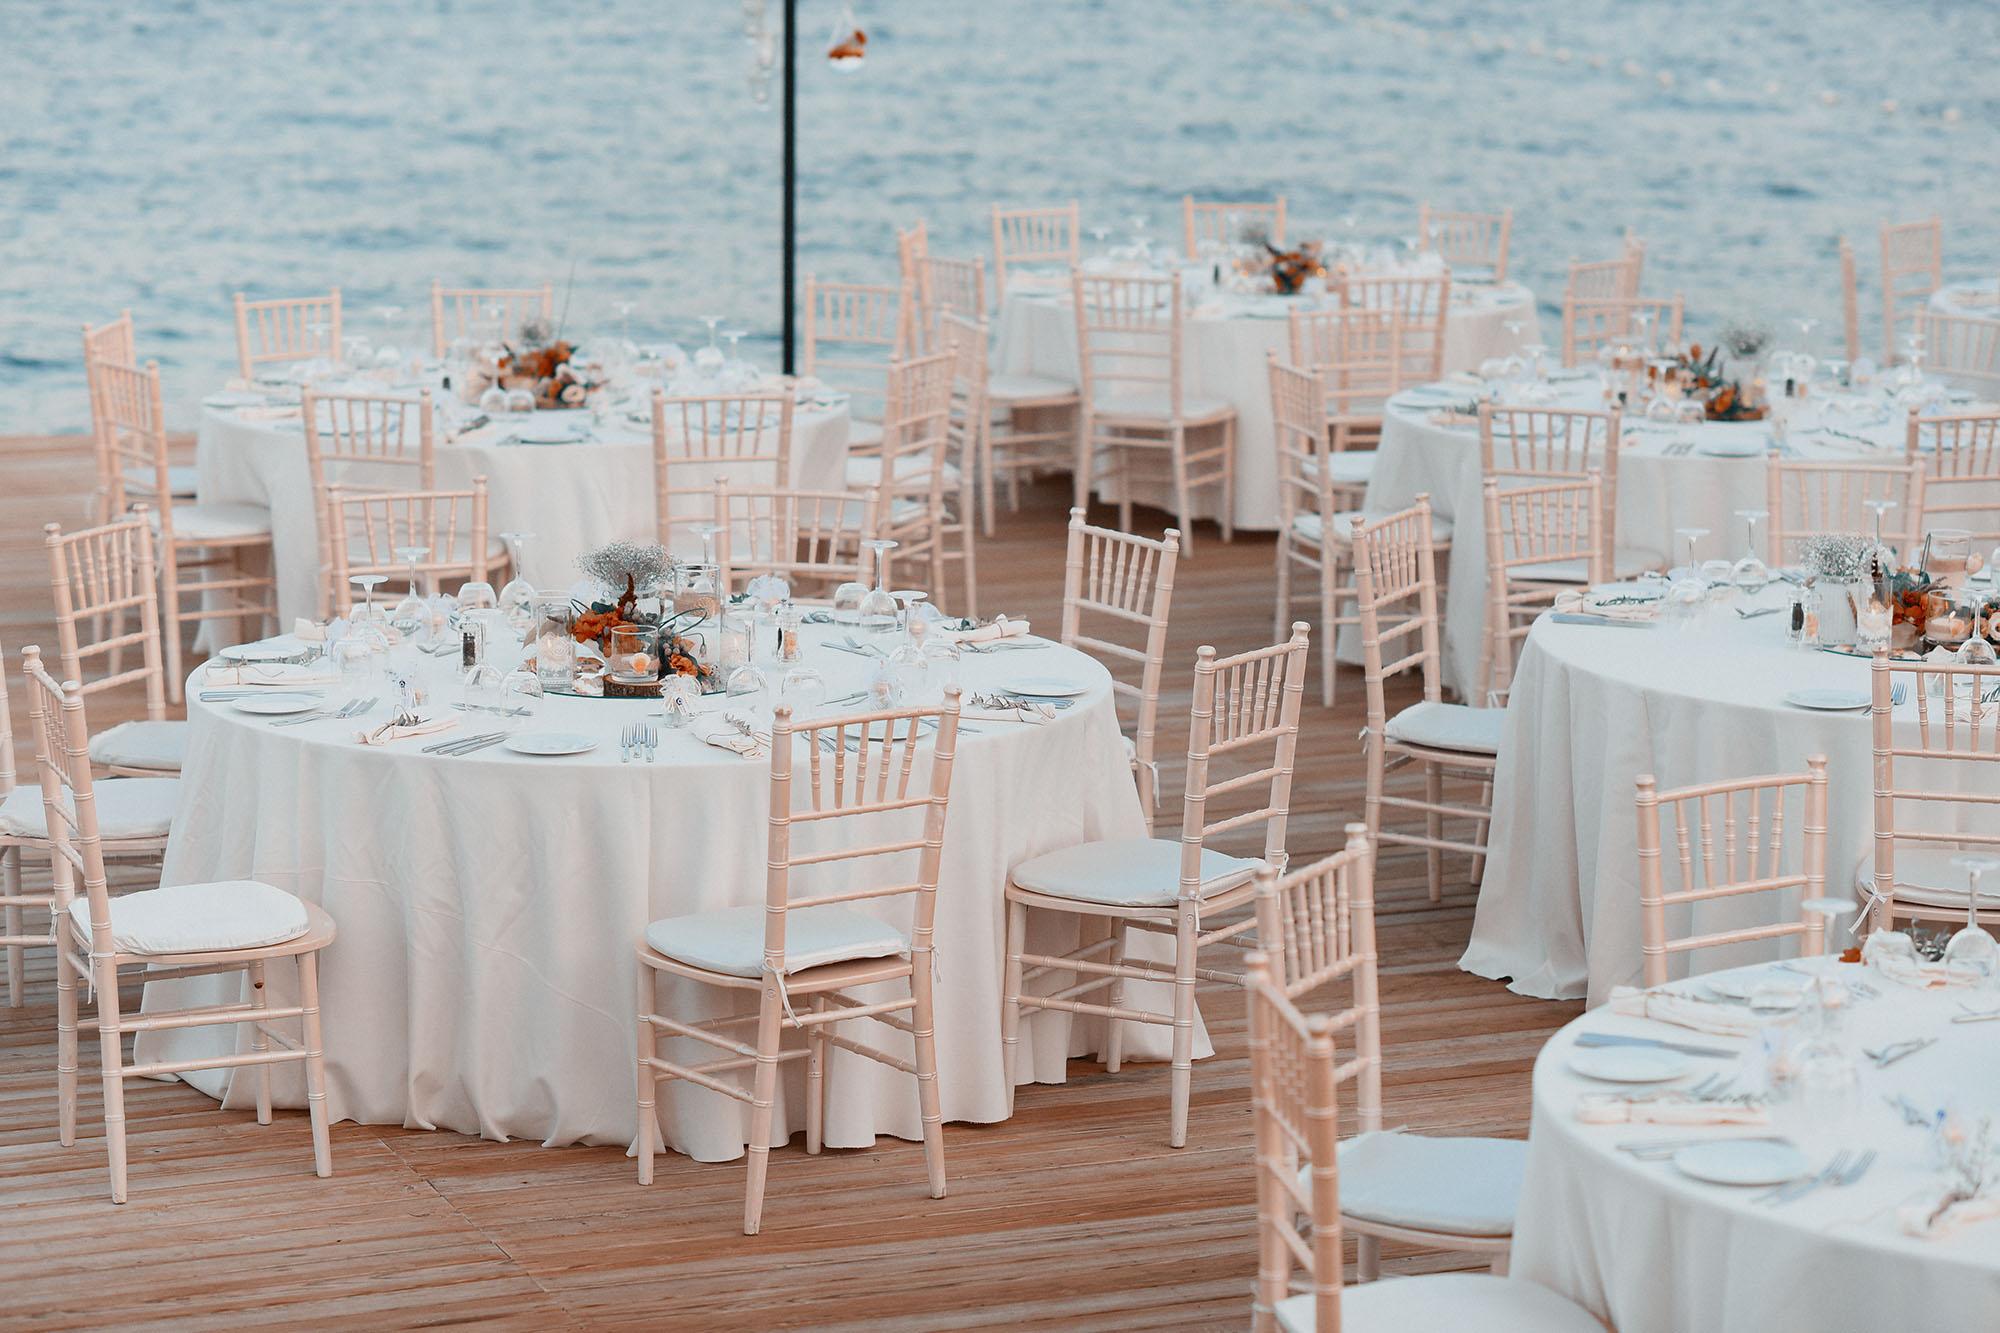 İzmir Düğün Organizasyonu, Düğün Organizasyonu, Otel Düğünleri, Kumsal Düğünleri, Düğün Davetleri, İzmir Organizasyon Firmaları, Düğün Süslemeleri, Düğün Aksesuarları, Düğün Tagları, İzmir Düğün Tagı, İzmir Organizasyon, İzmir Düğün Pastası, İzmir Düğün Davet, İzmir Kına Organizasyonu, İzmir Düğün Dansı, Düğün Dansı, Düğün Pastası, Giriş Tagı, Organizasyon, İzmir Düğün Organizasyon Firmaları